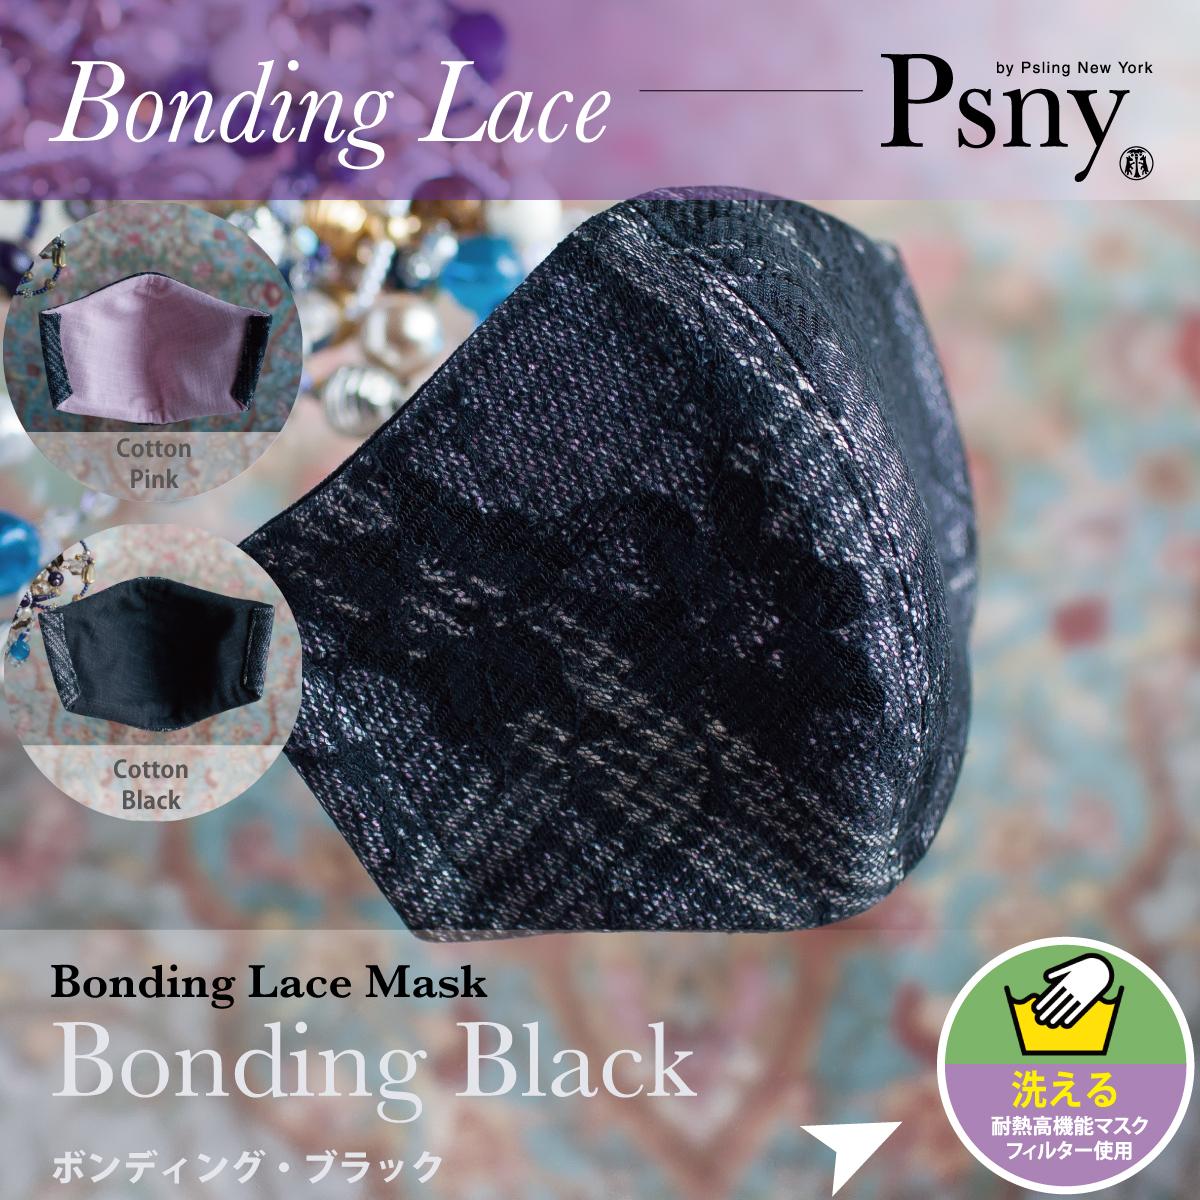 PSNY ボンディング レース・グレンチェック・ブラック 洗える不織布フィルター入り 立体 大人用 小顔 高級 美人 エレガント パーティー マスク 送料無料 L23